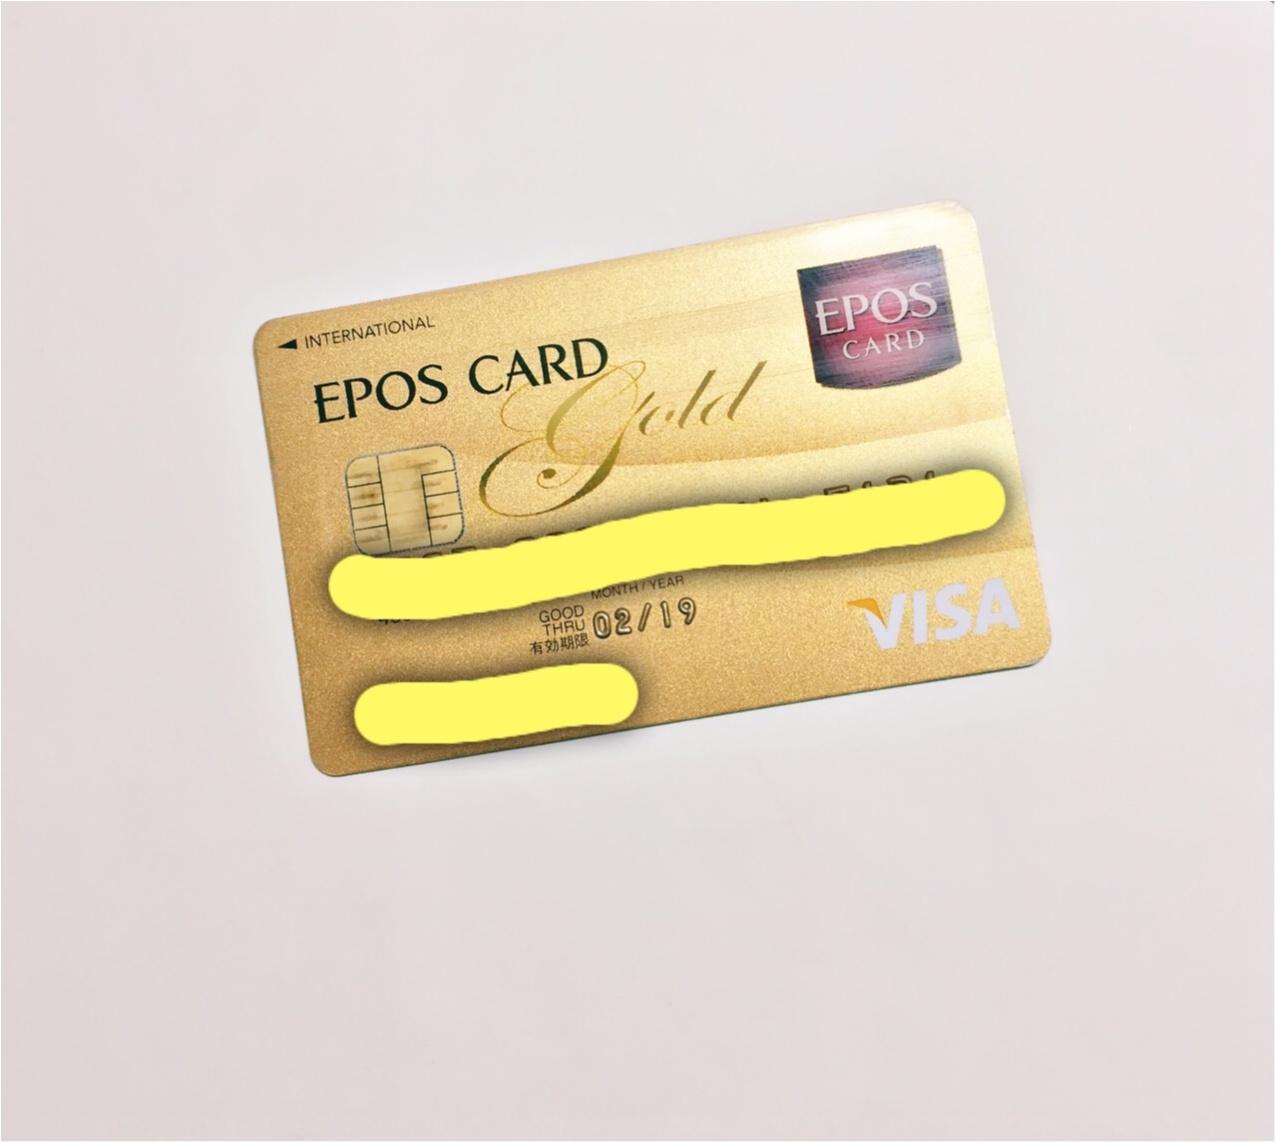 ショッピングもレジャーもお得に❤︎3枚のクレジットカードを使い分け♪_2